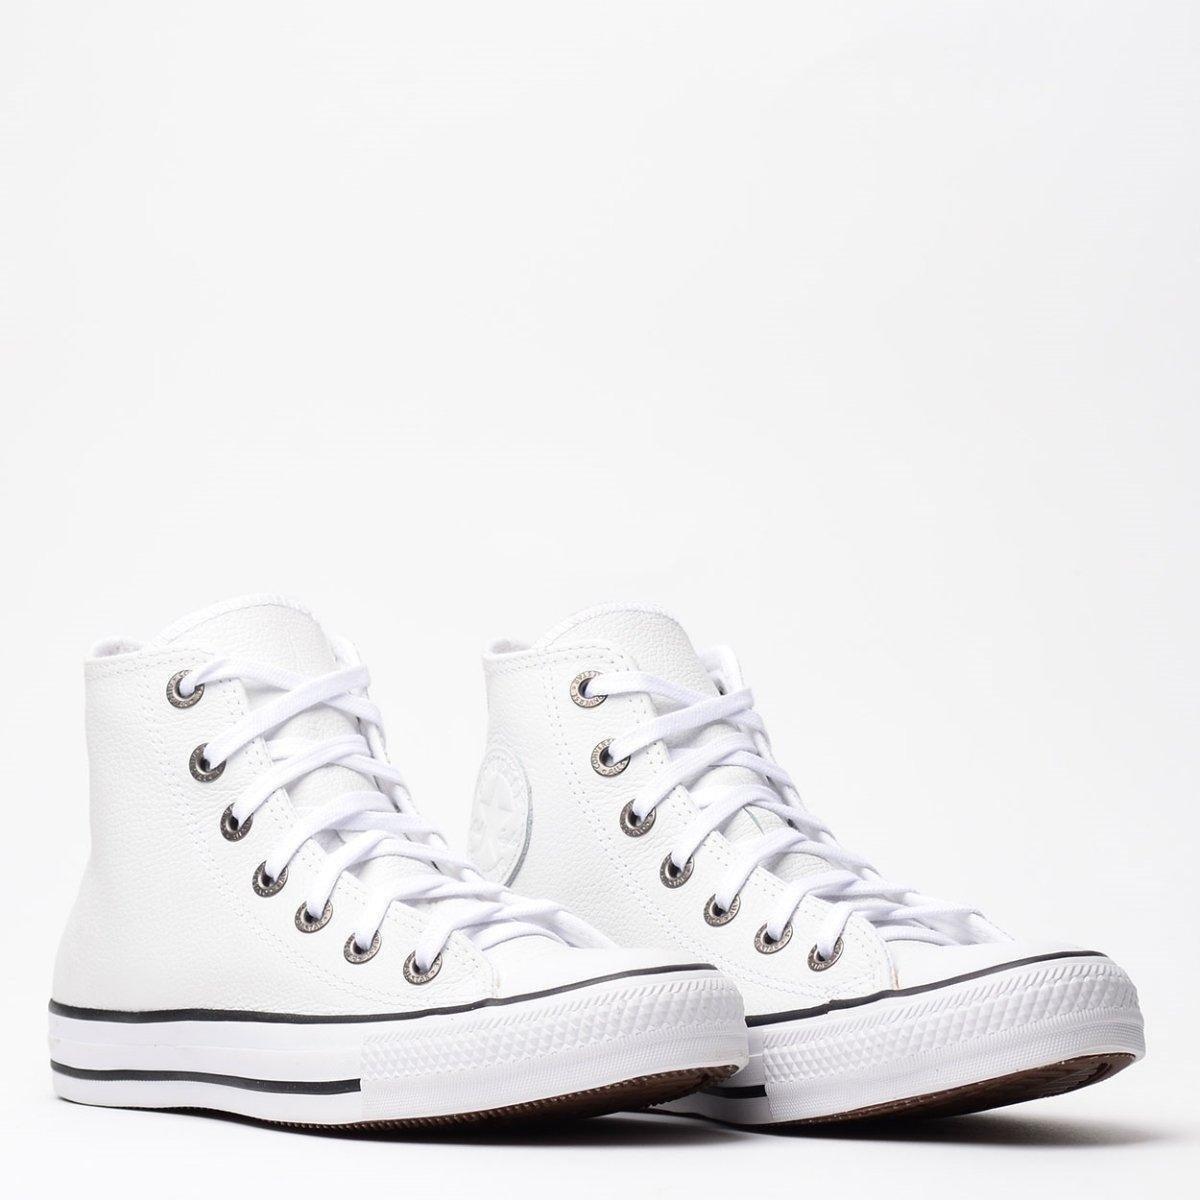 European All Branco Tênis Hi Taylor Star Converse Chuck Converse Tênis Chuck qYOT88